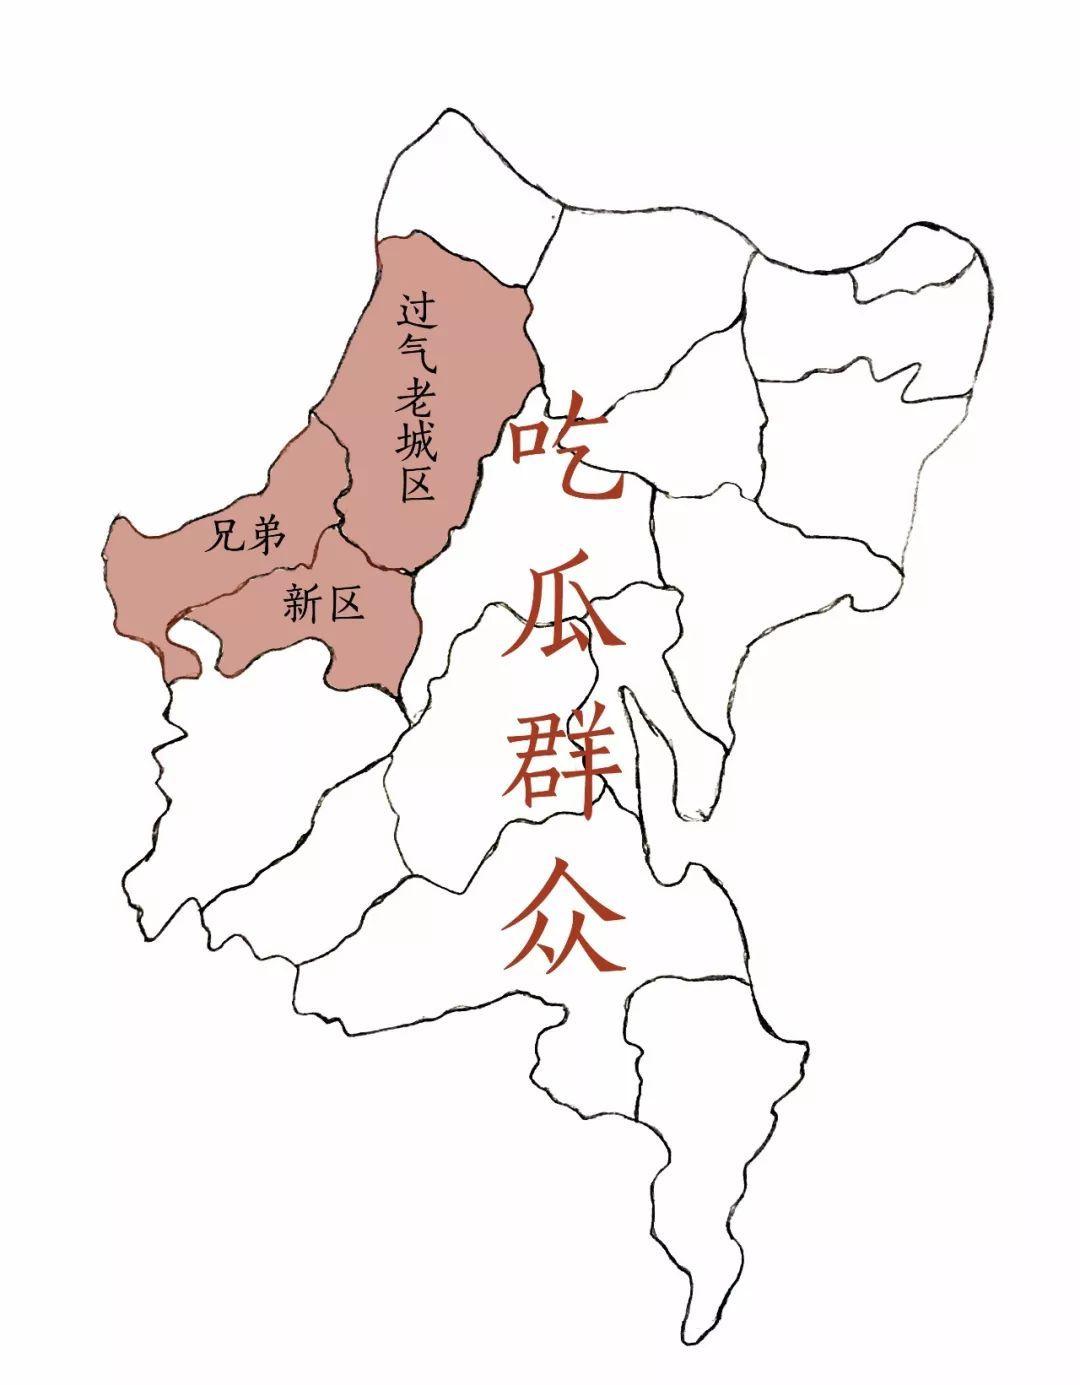 长乐人口有多少_不得了 中国有个区叫长乐,70万长乐人都在看...